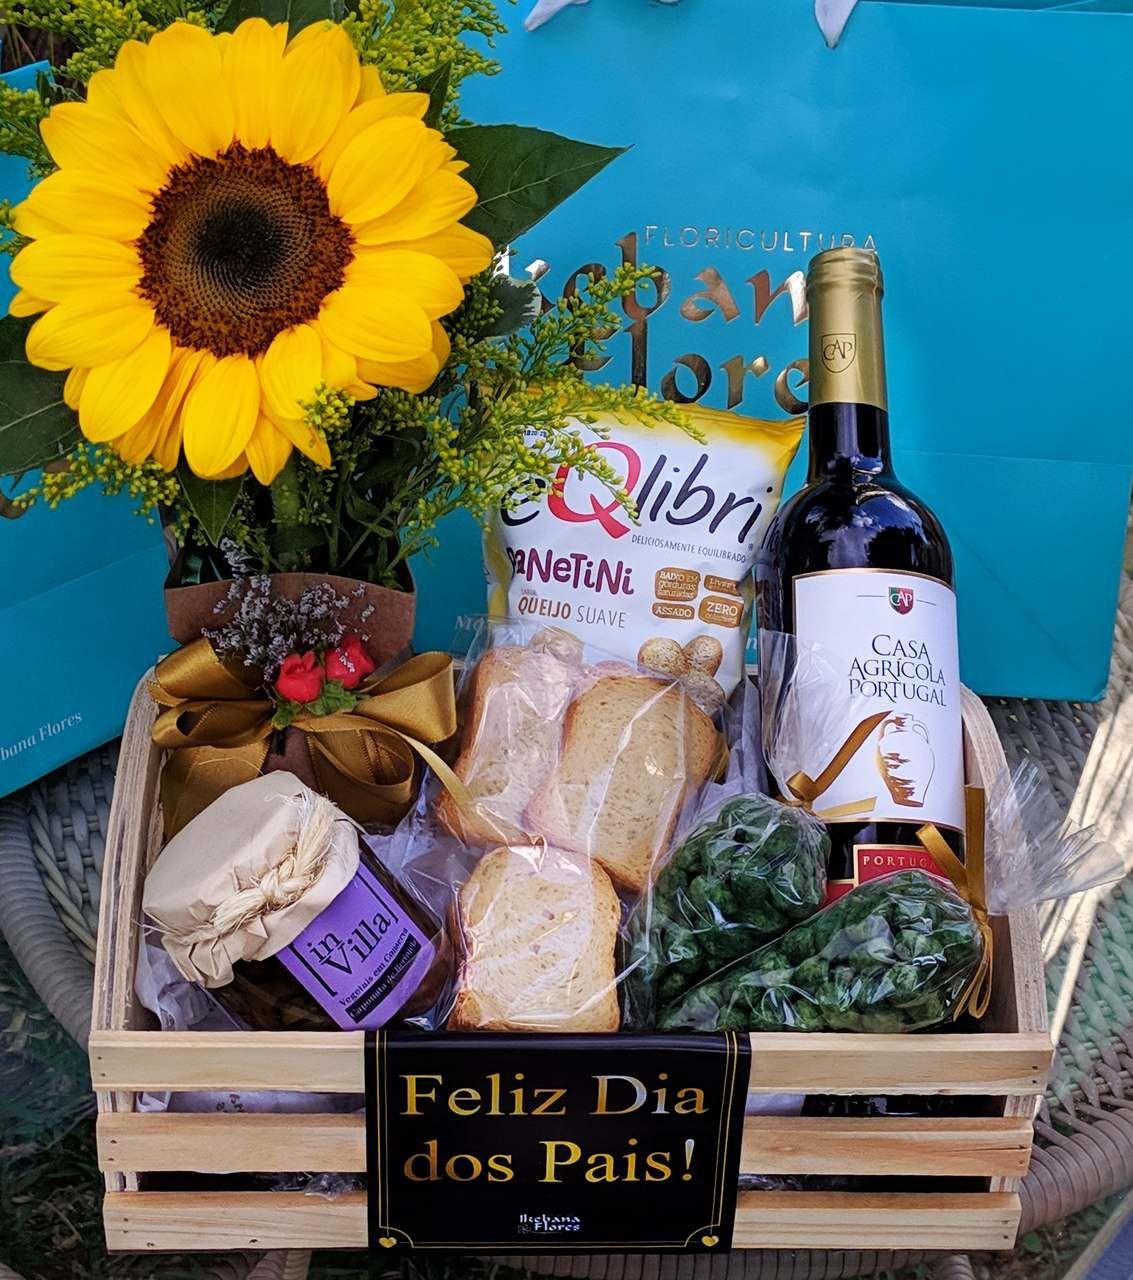 cesta de vinho - floricultura belo horizonte